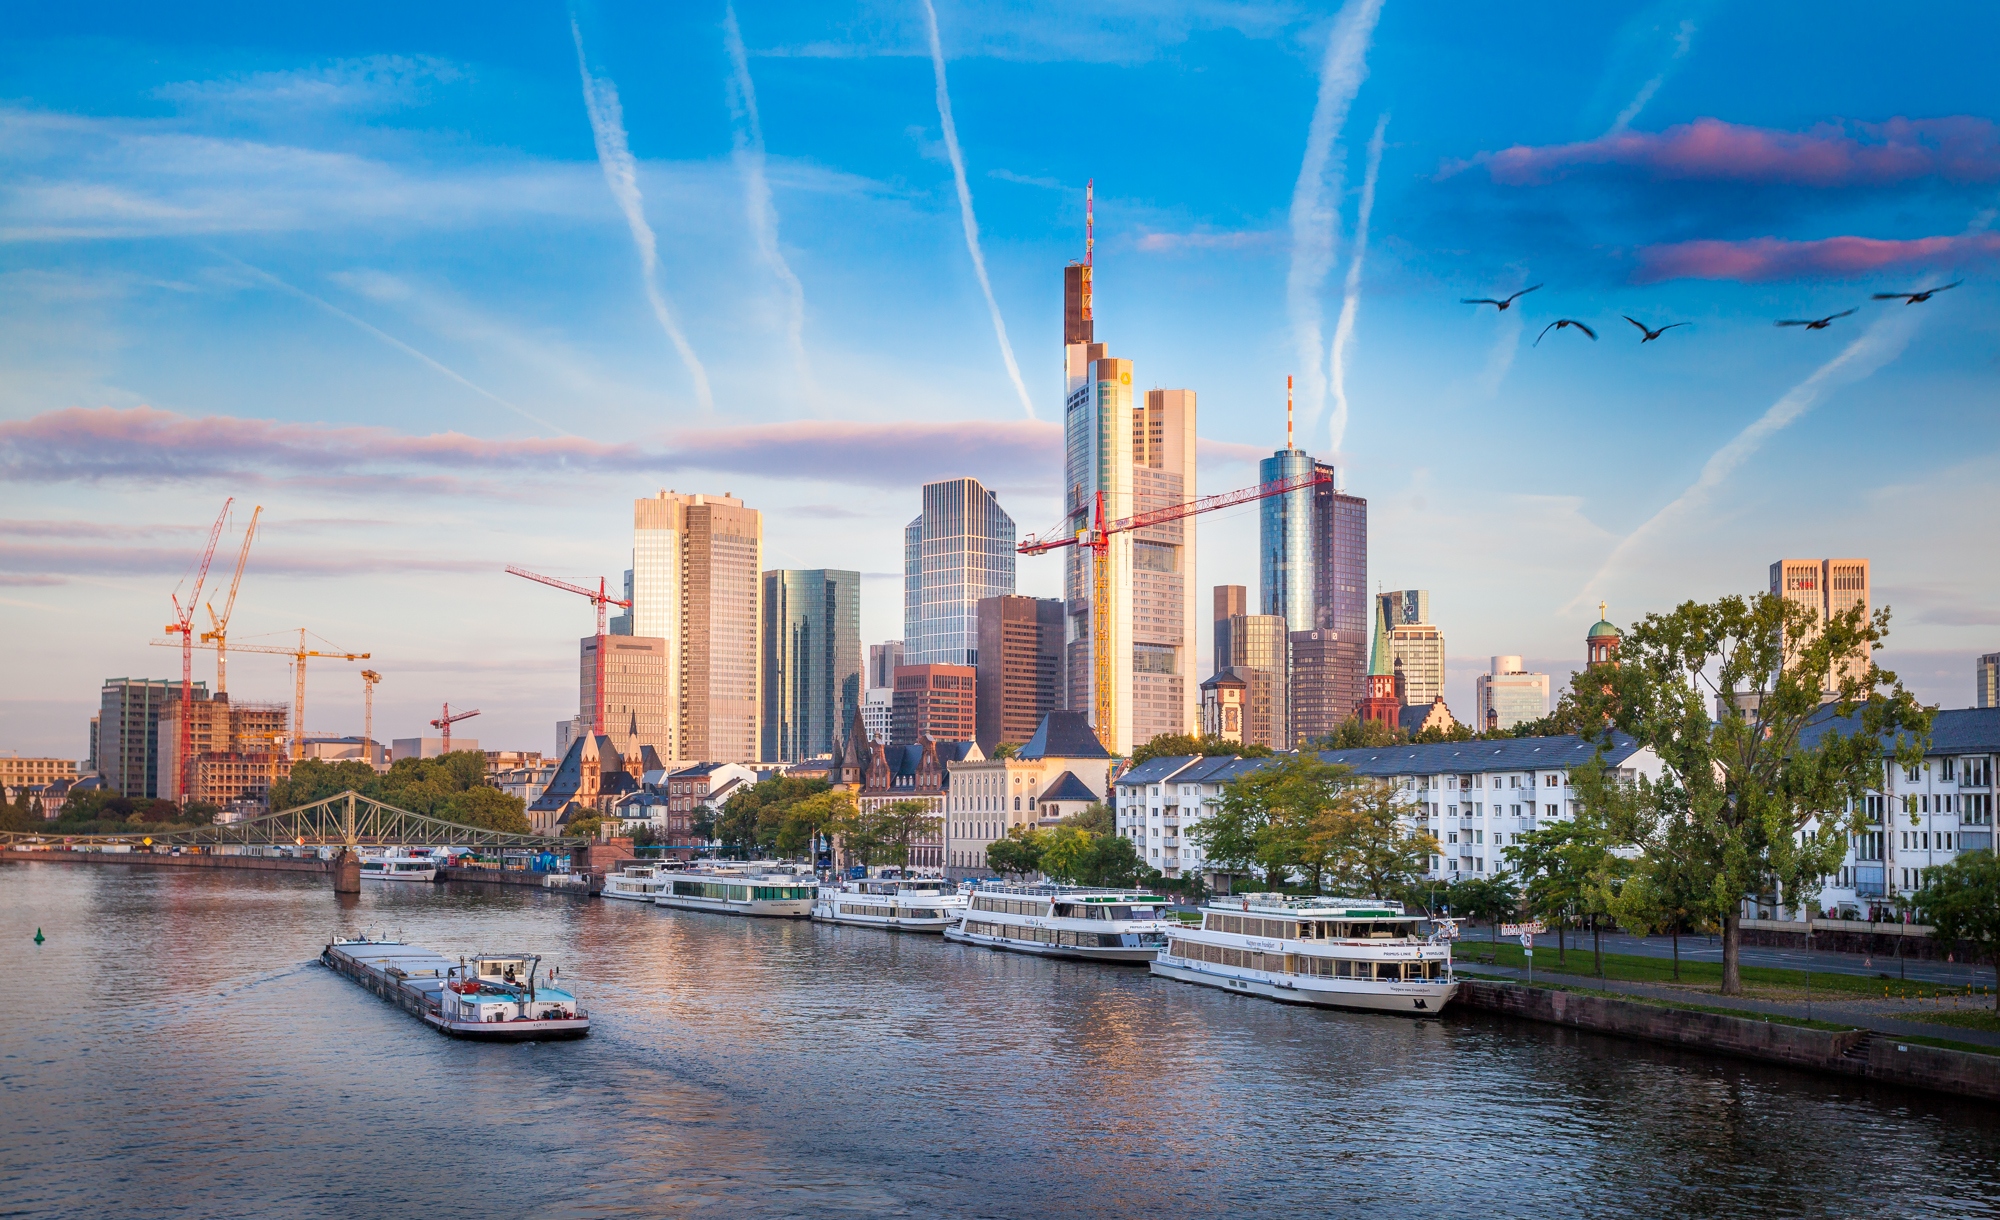 Frankfurt am Main-Bockenheim Spielhalle / Spielothek